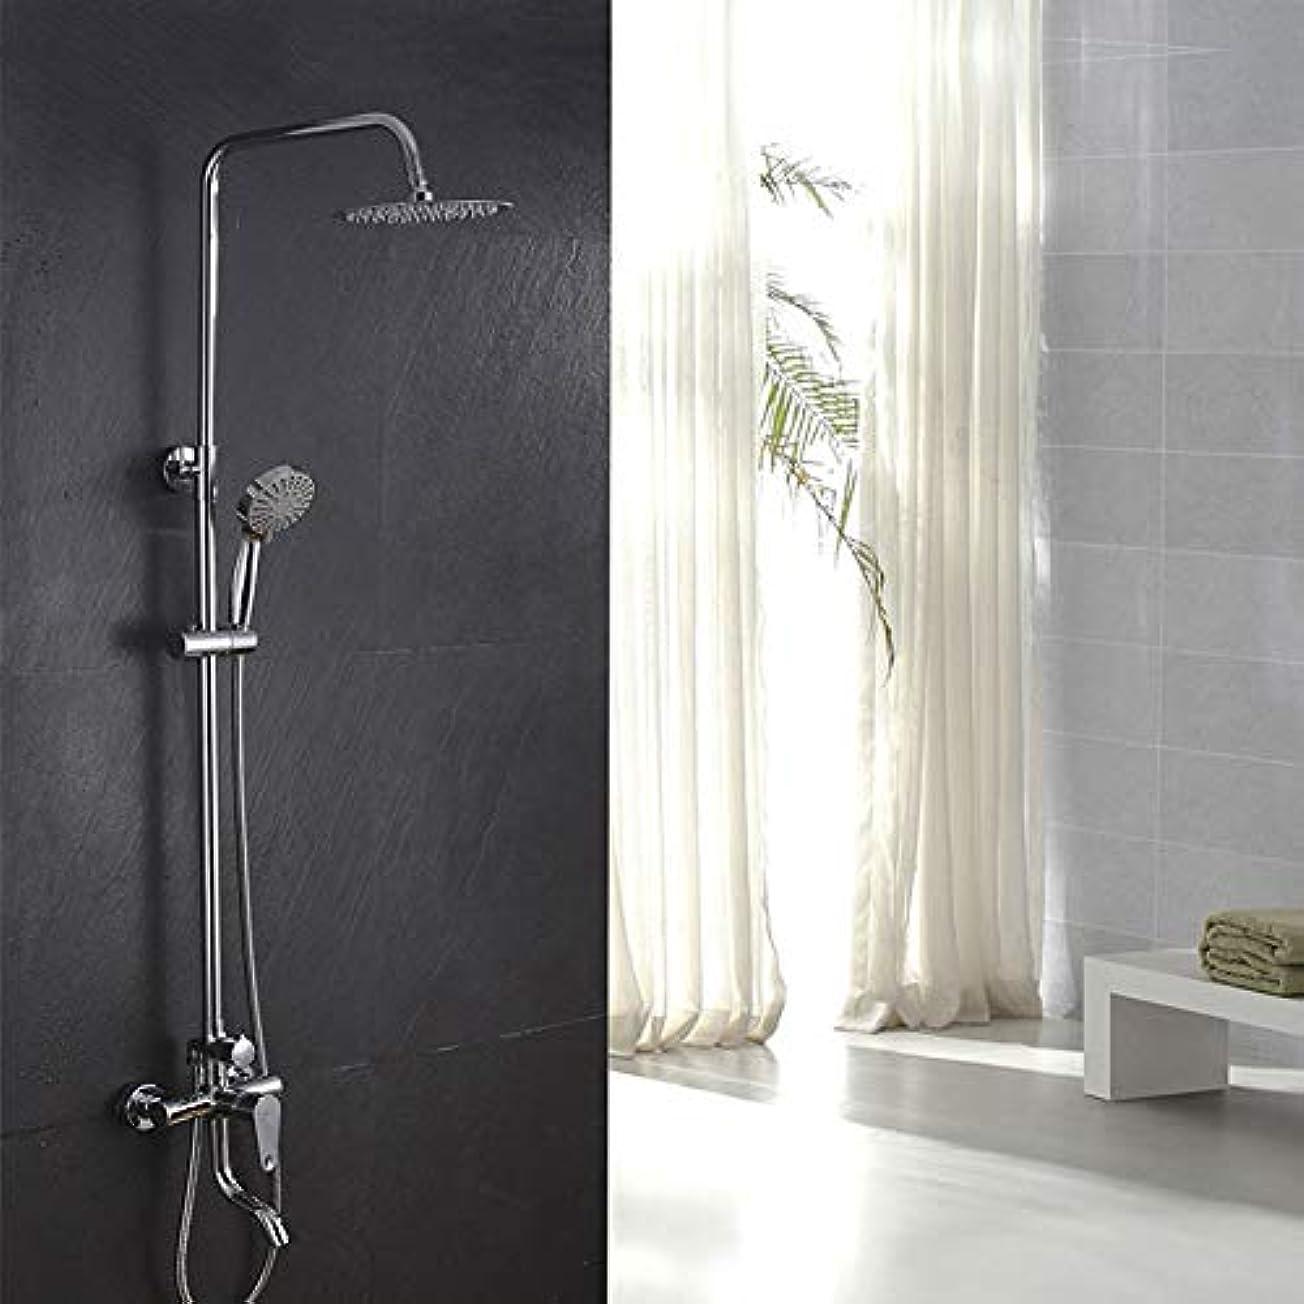 泳ぐレーザ比較浴室シャワーセット304ステンレス鋼真鍮クロム8インチシャワーヘッド付きウォールマウントシャワー蛇口ノズル霧化器ミキサー銅の寒さと熱いシャワー